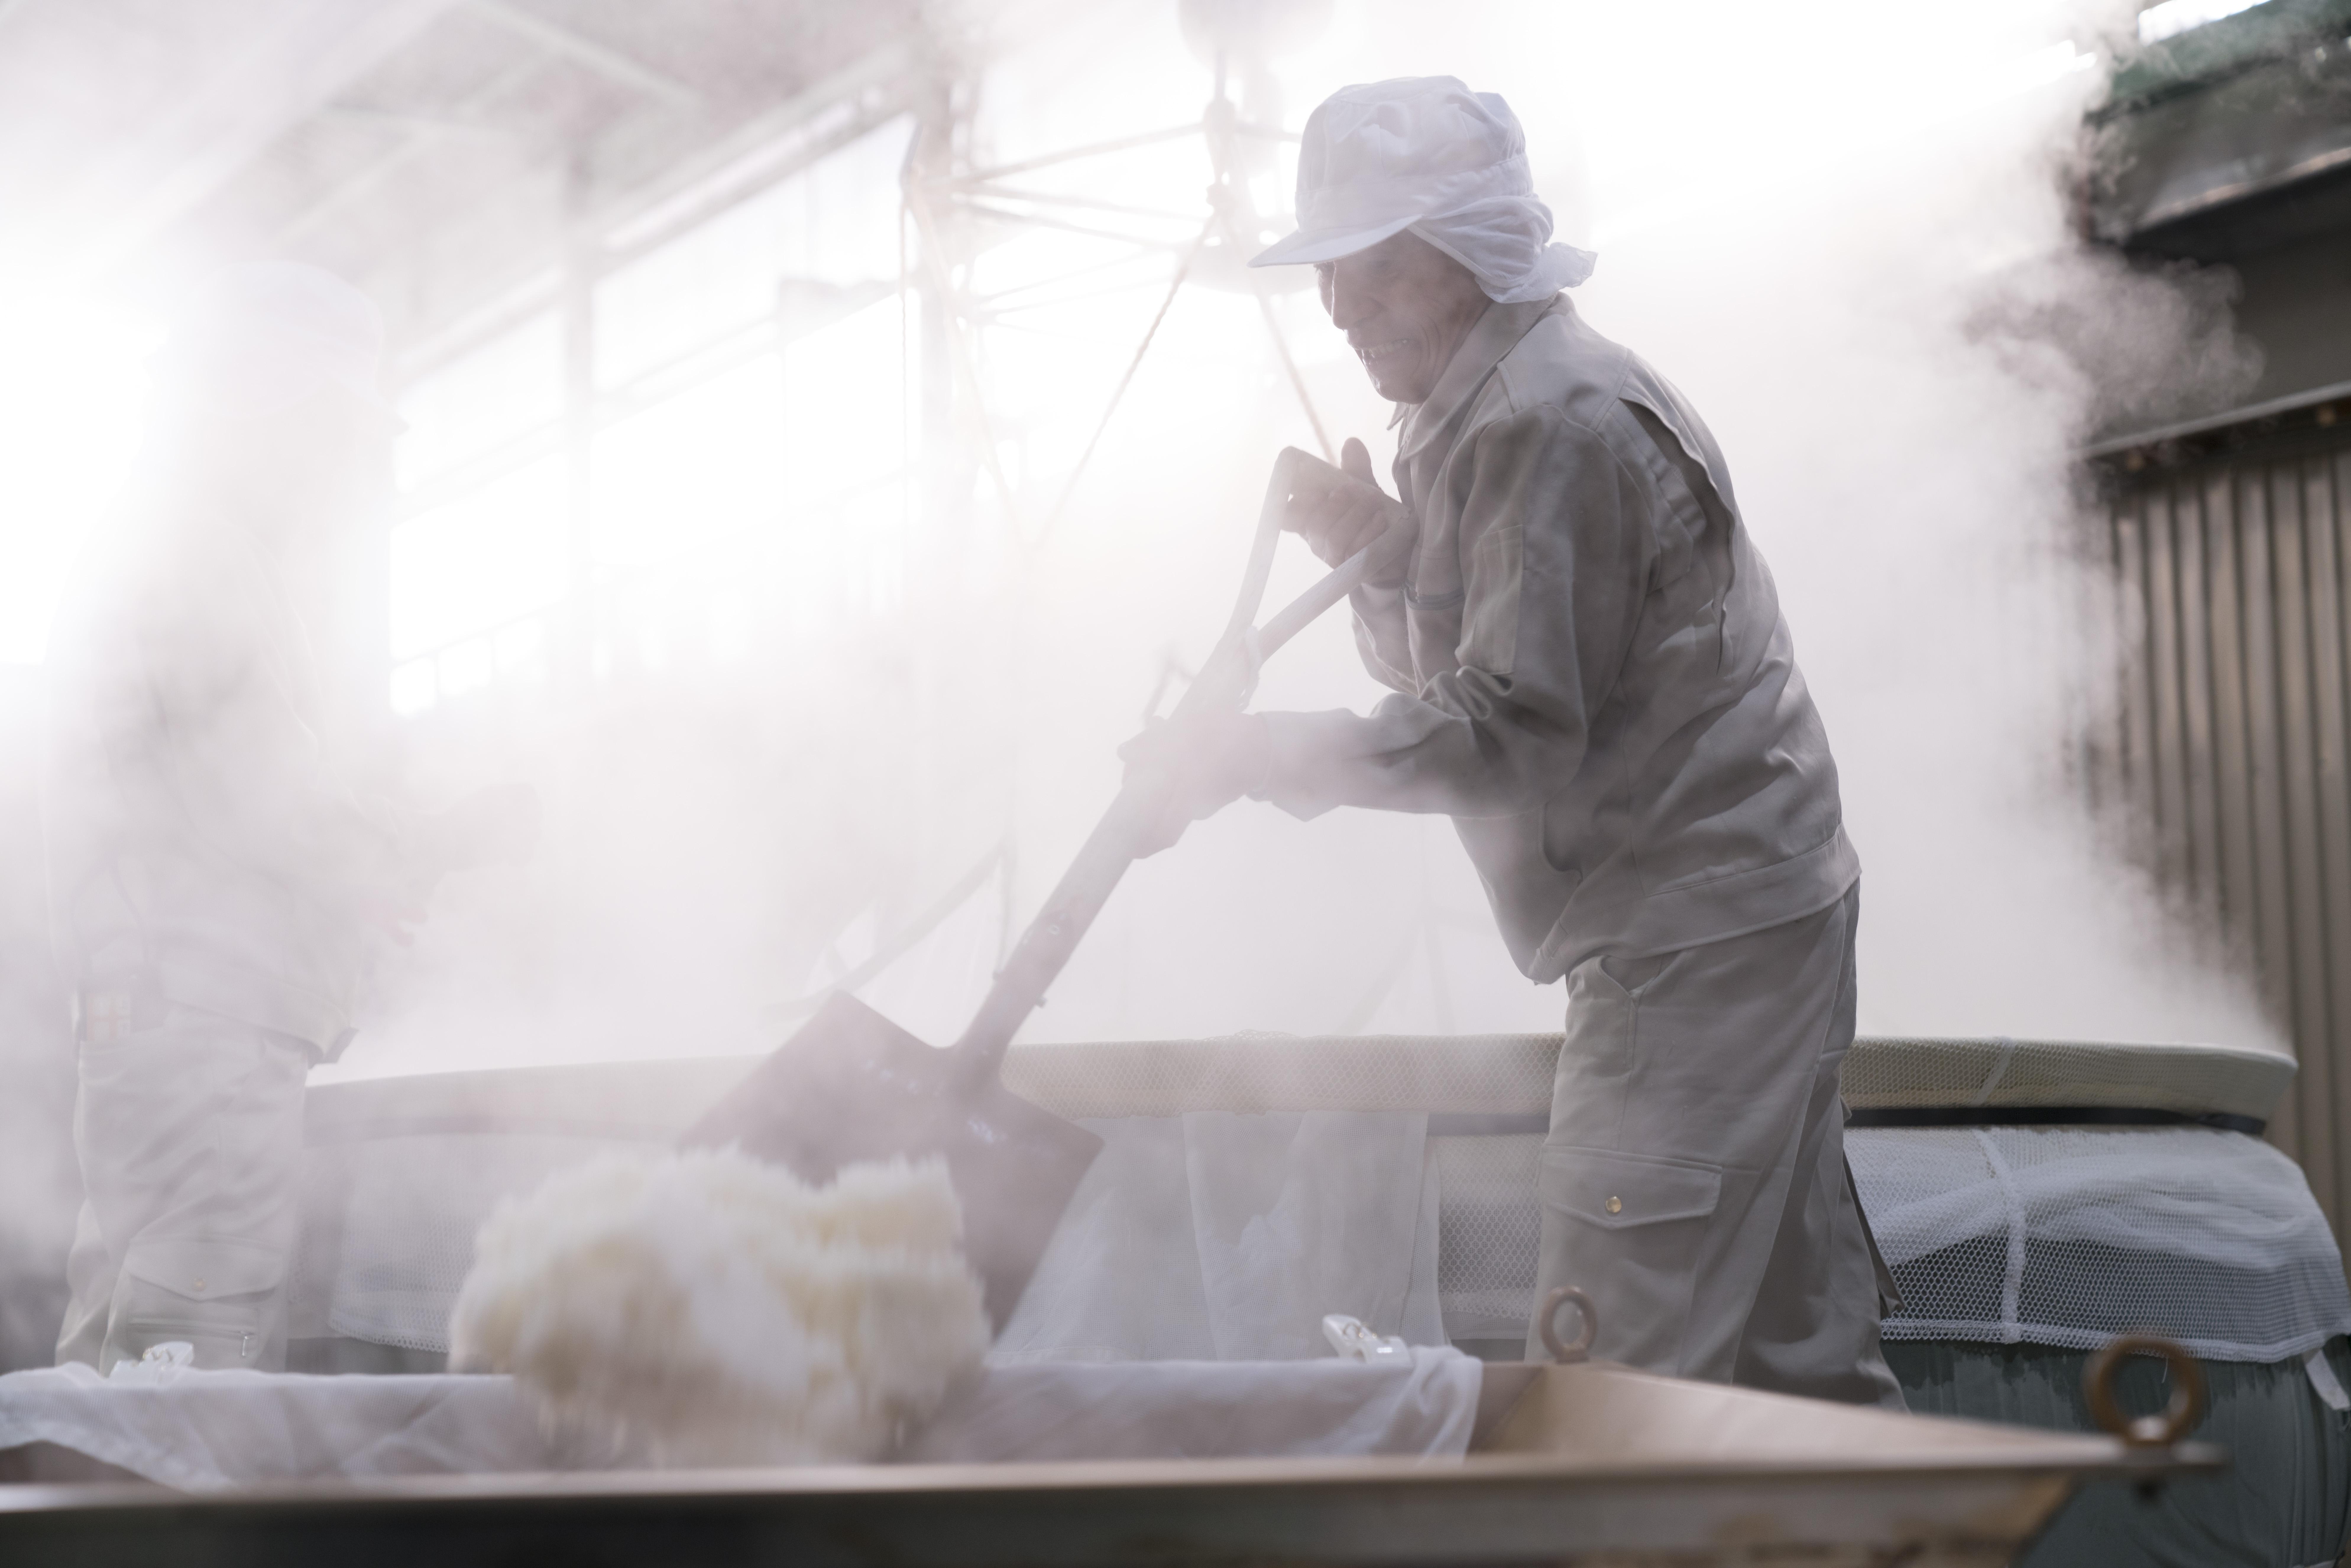 オーガニックの日本酒を数多くつくられている天鷹酒造様で働かれている方